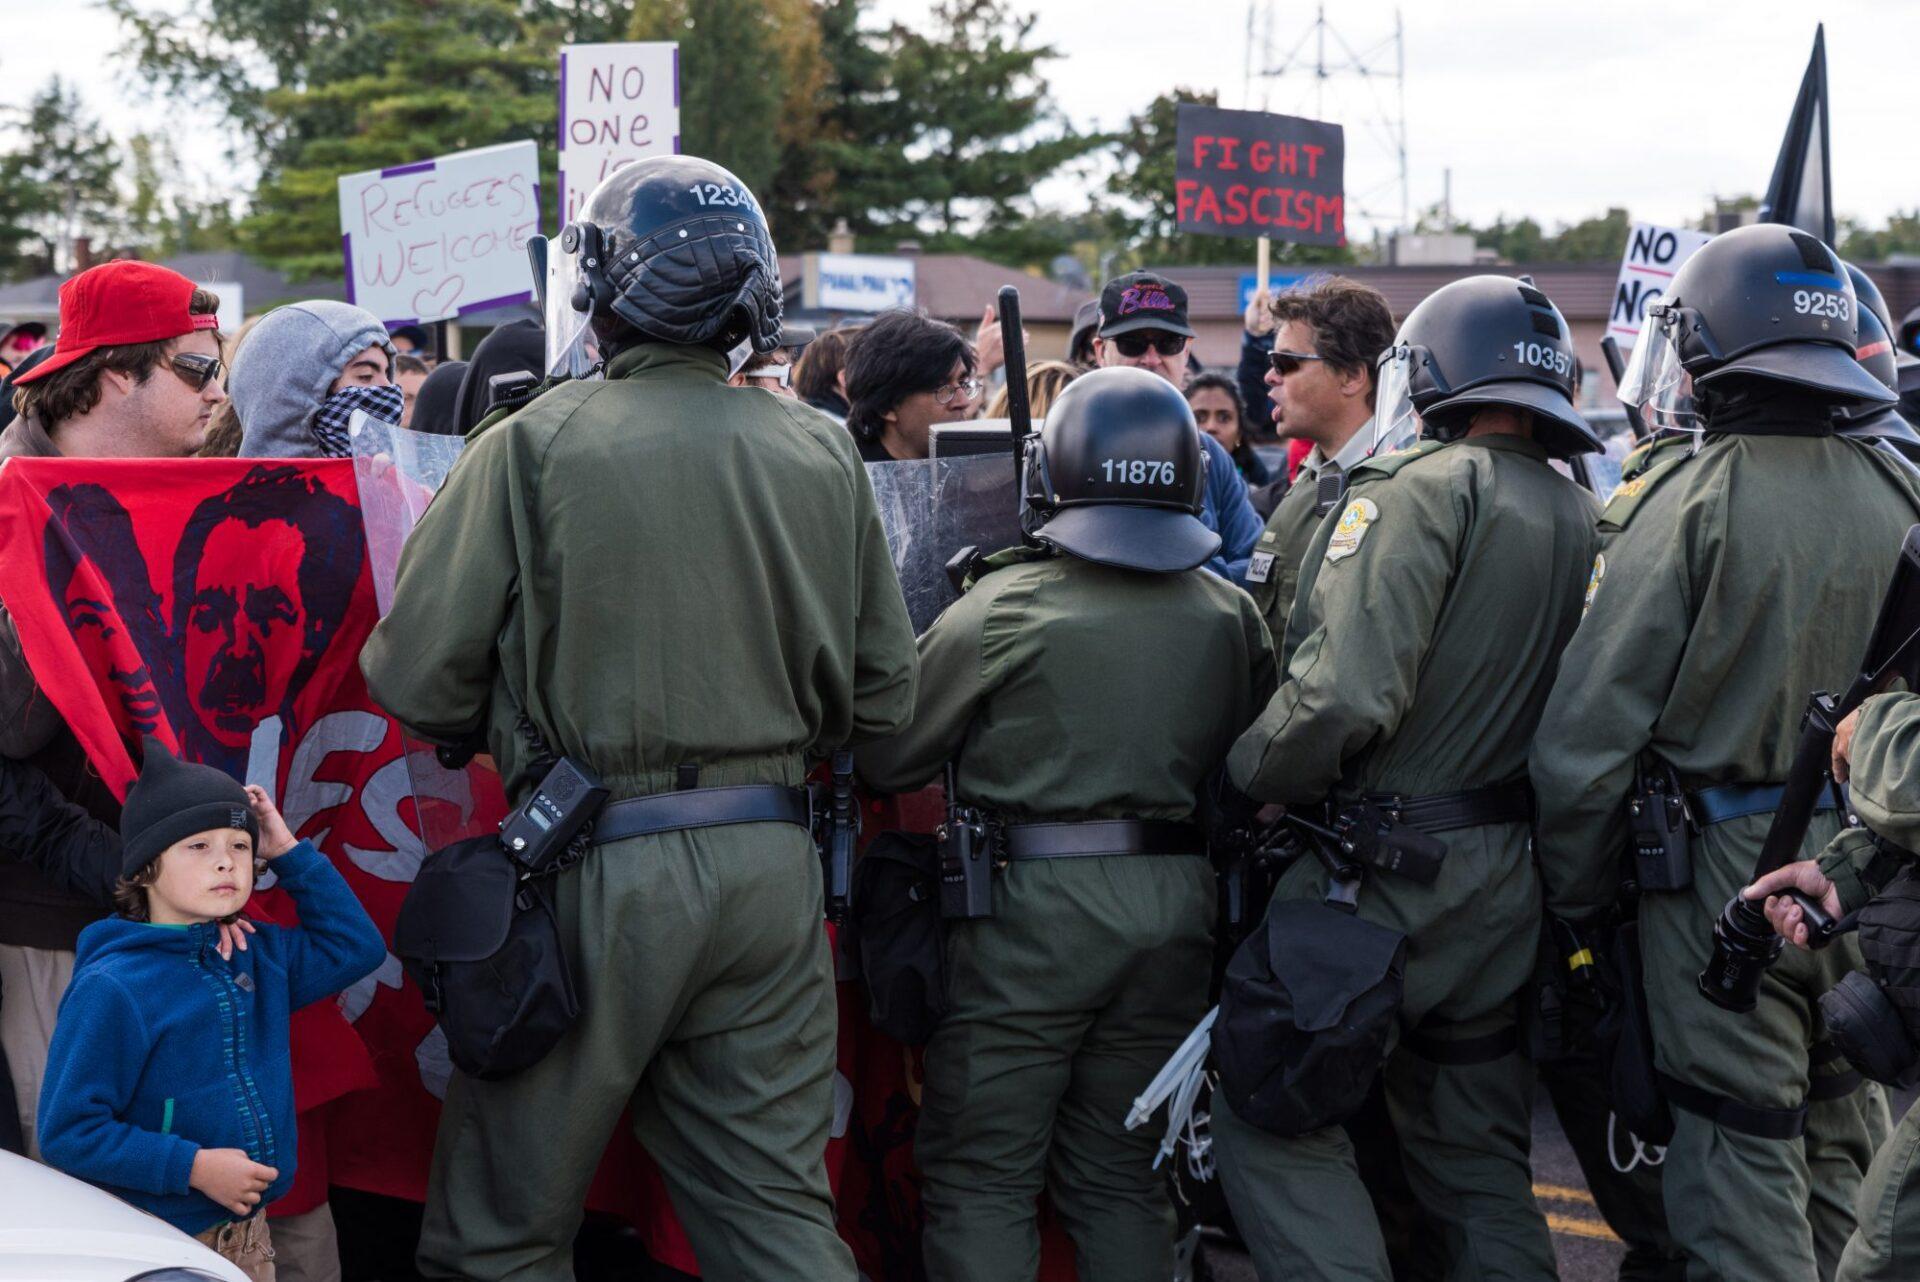 La Sûreté du Québec tente sans succès de faire reculer la ligne antifasciste | Photo: Martin Ouellet-Diotte  Montréal Campus